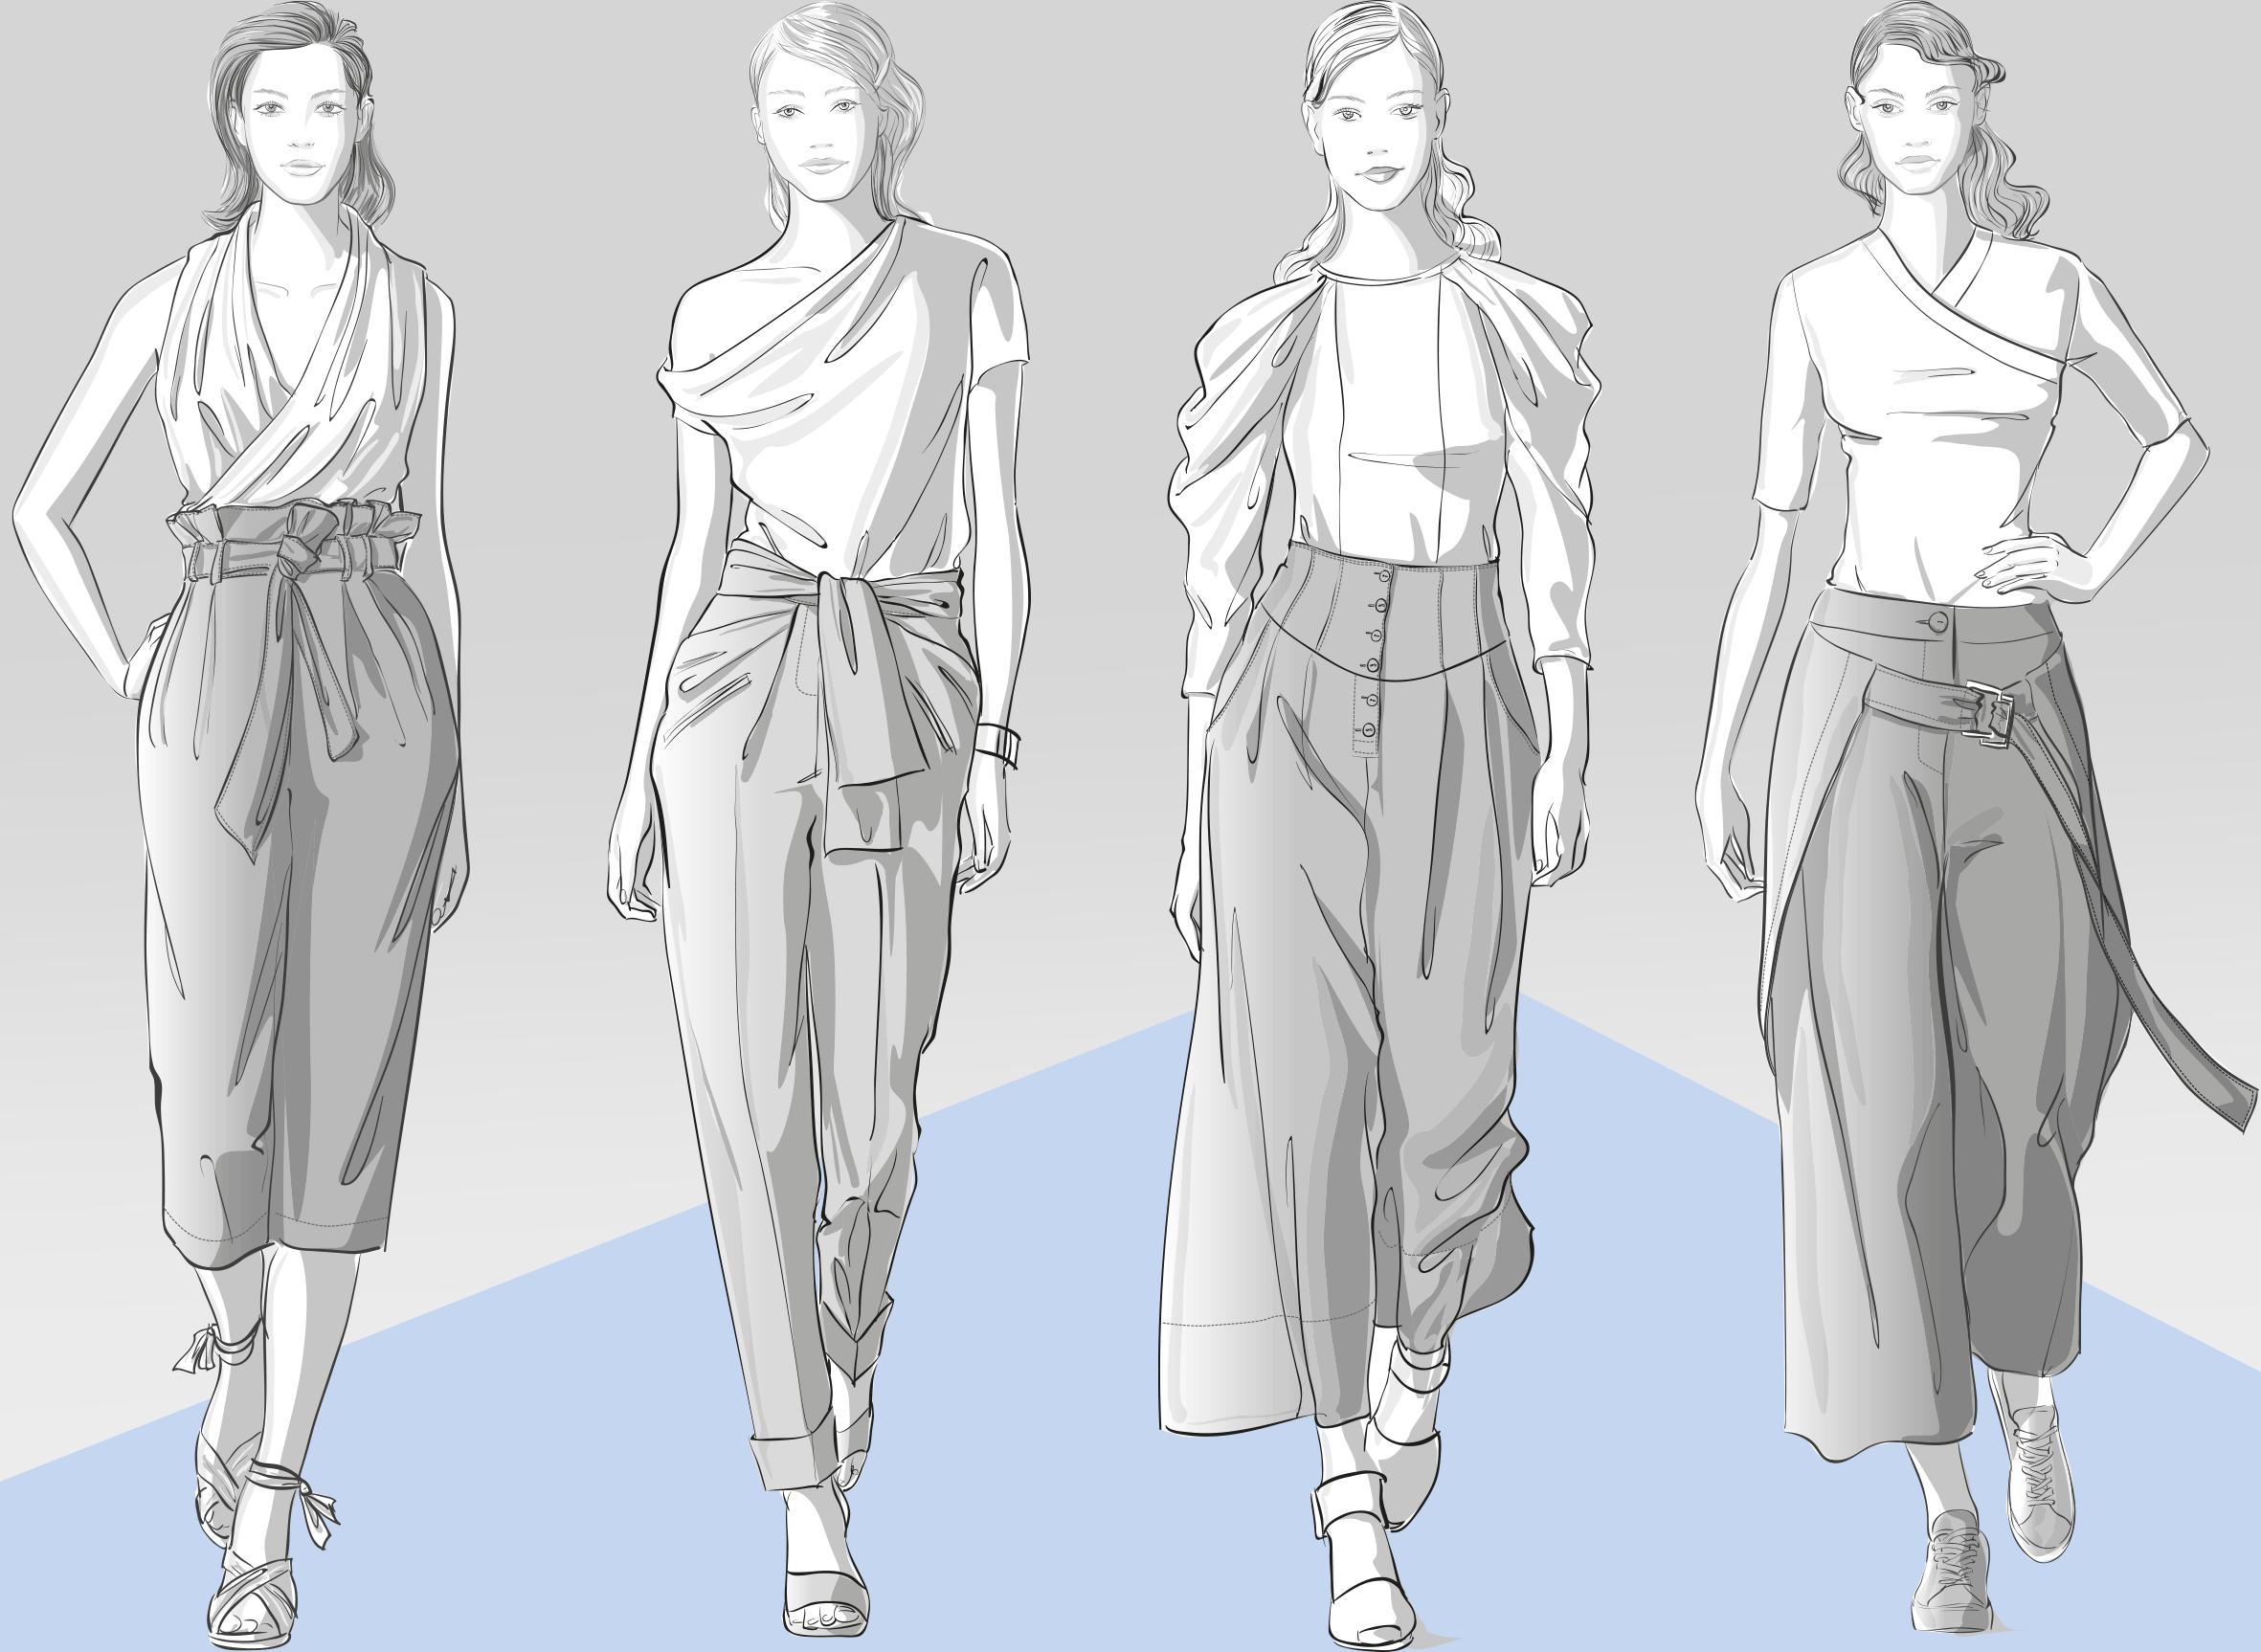 Abgebildet sind 4 Modellzeichnungen von Frauen in den Hosenmodellen, die als Vorlage für die Schnitt-Technik dienen.